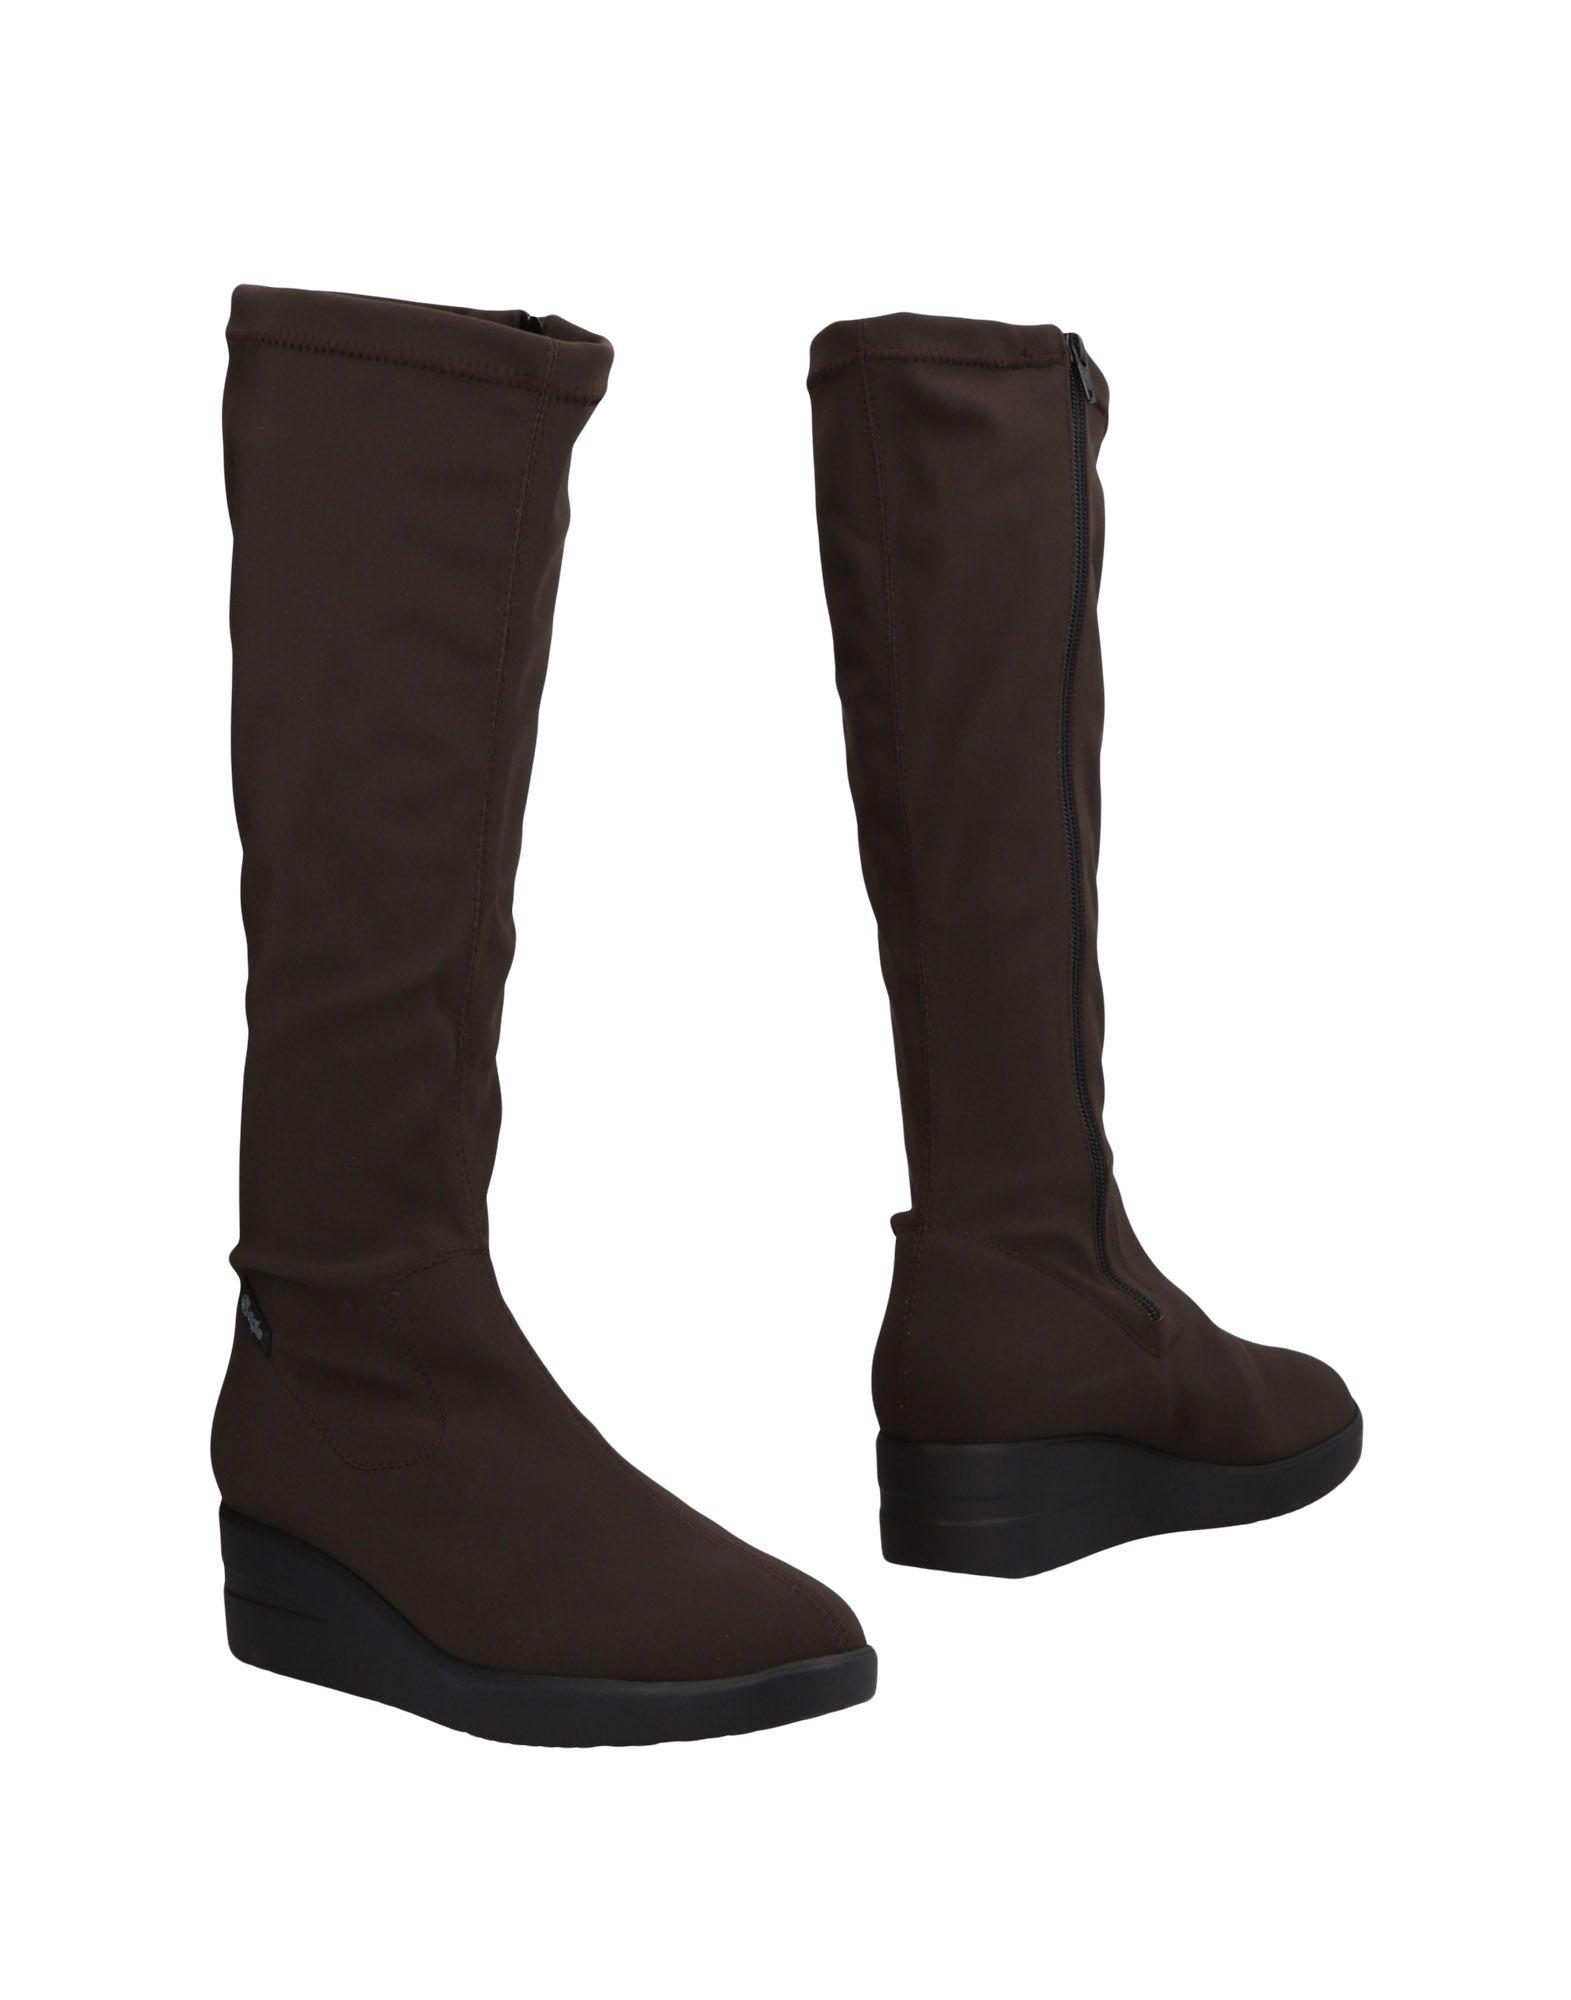 Agile By Rucoline Stiefel Damen  11495610FG Gute Qualität beliebte Schuhe